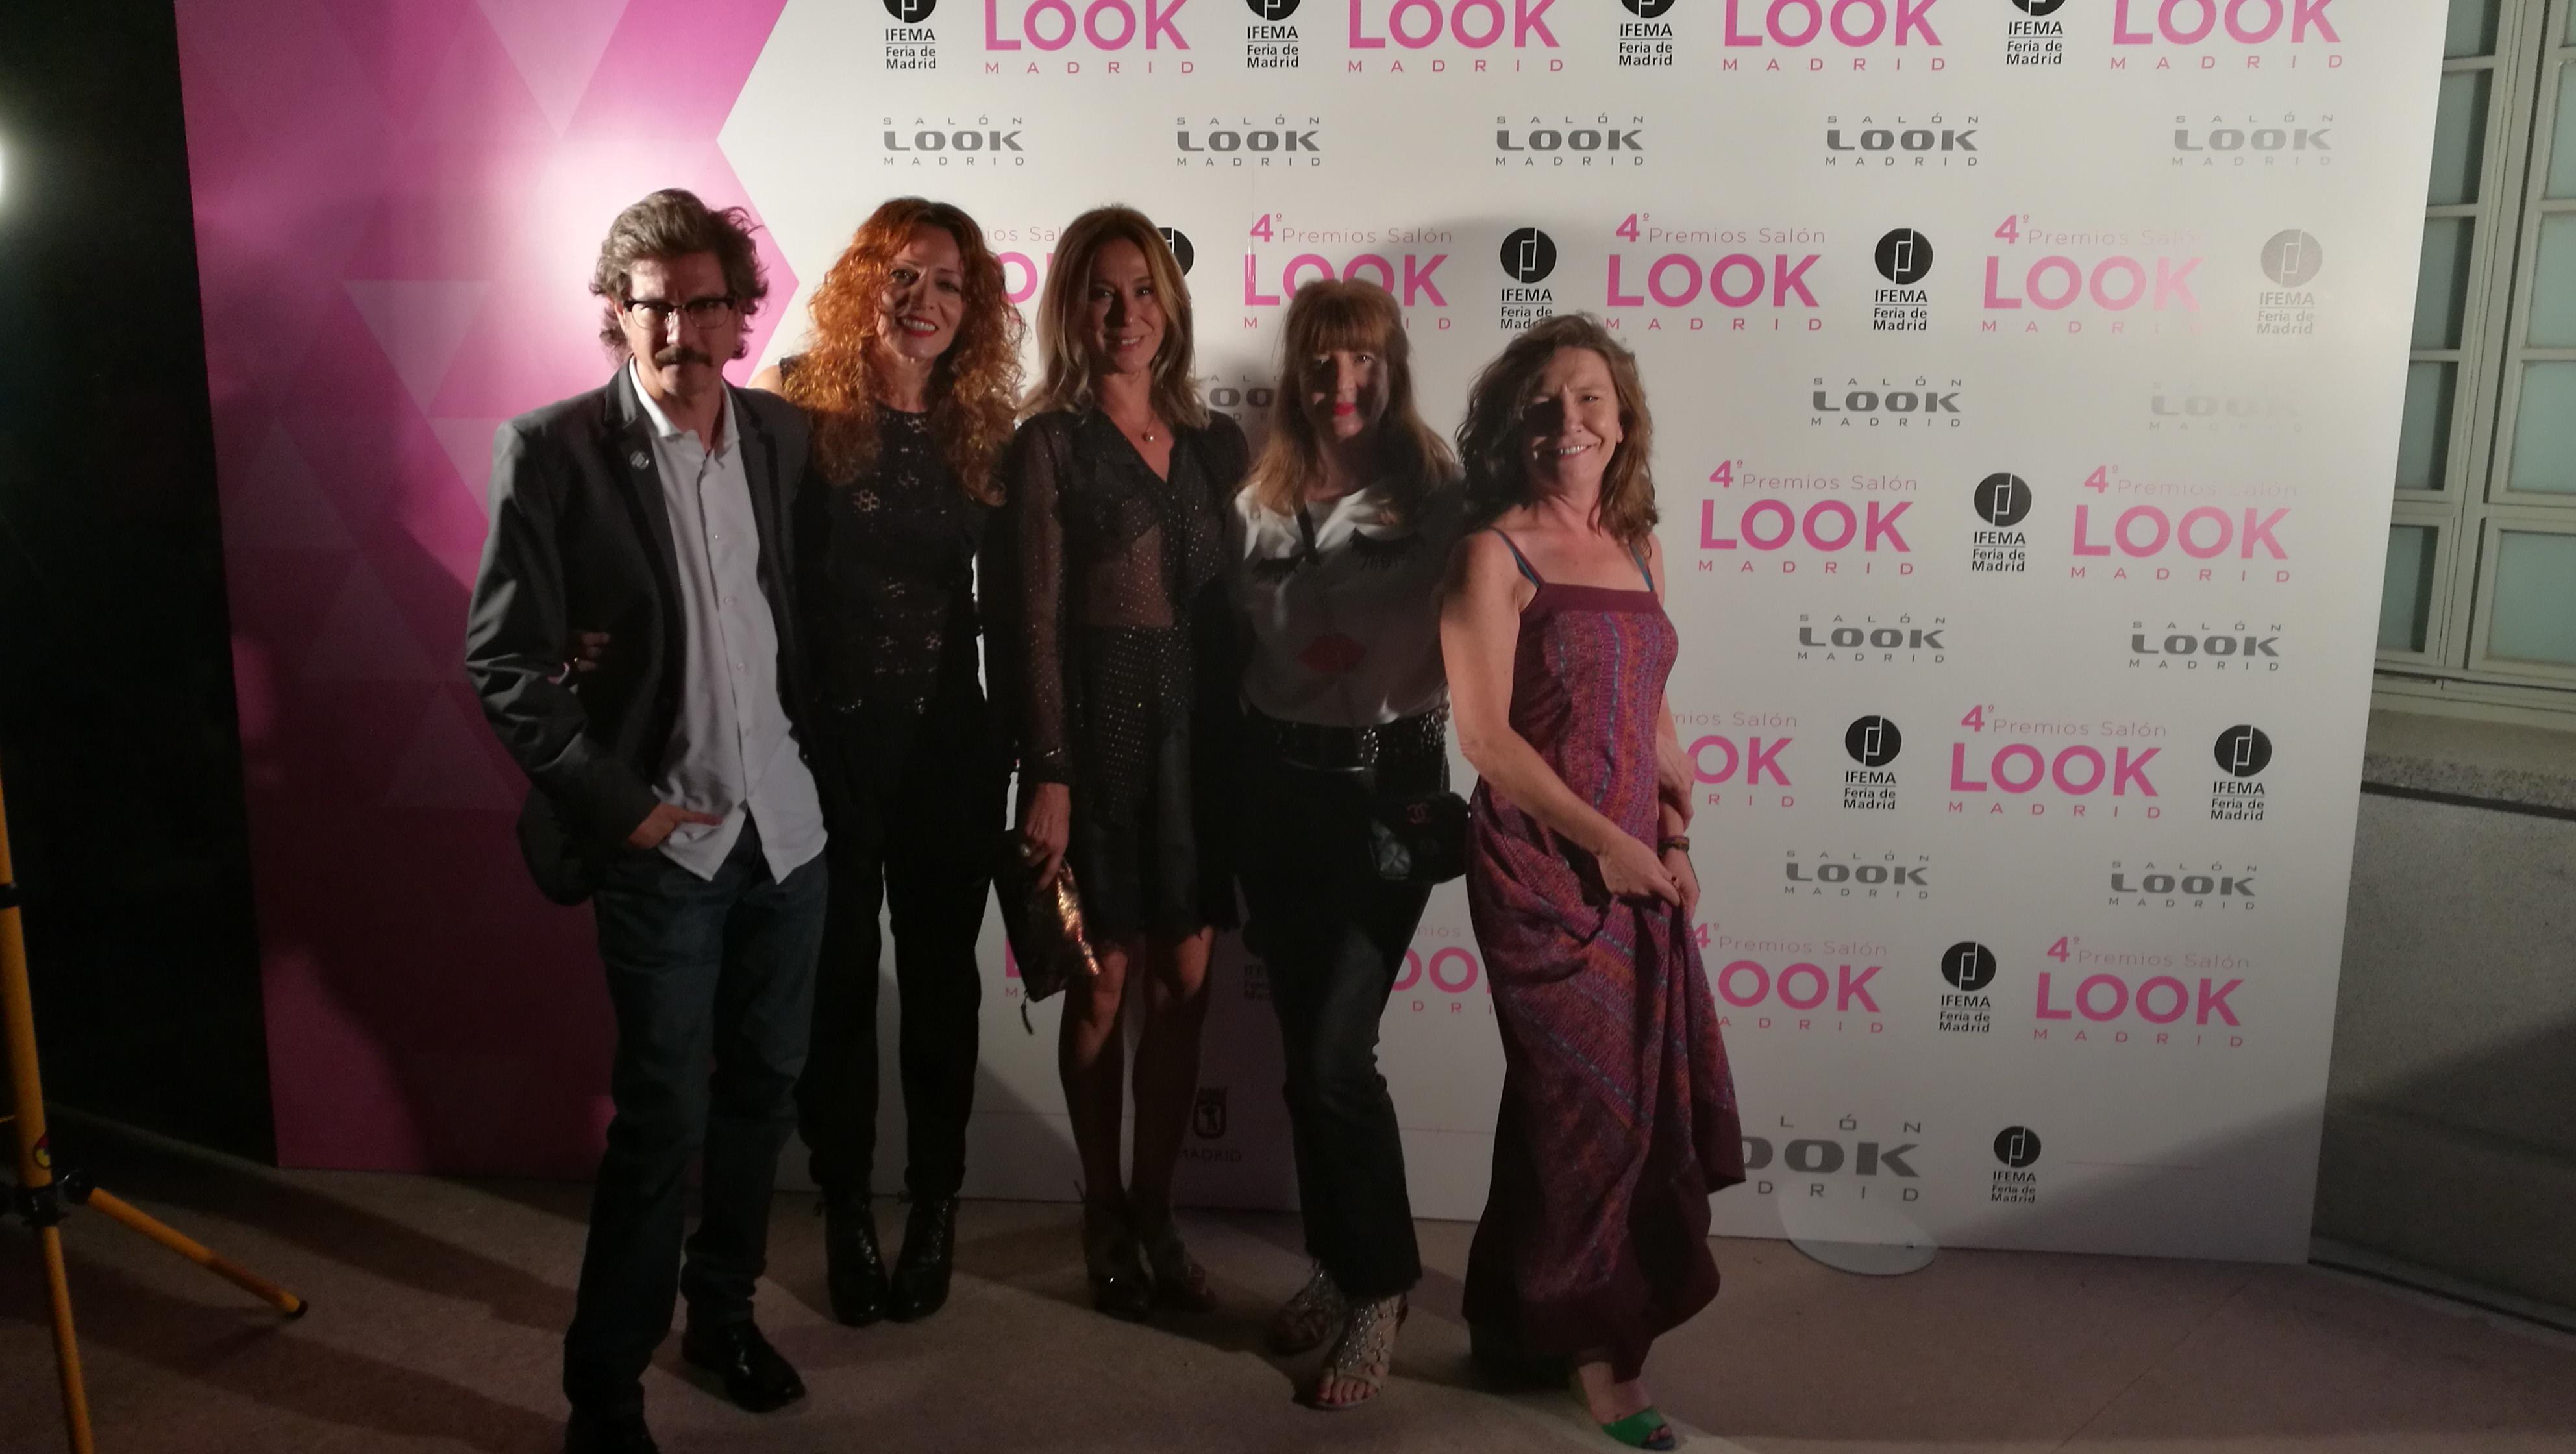 Premios Salón Look 2016: Mi experiencia como jurado.